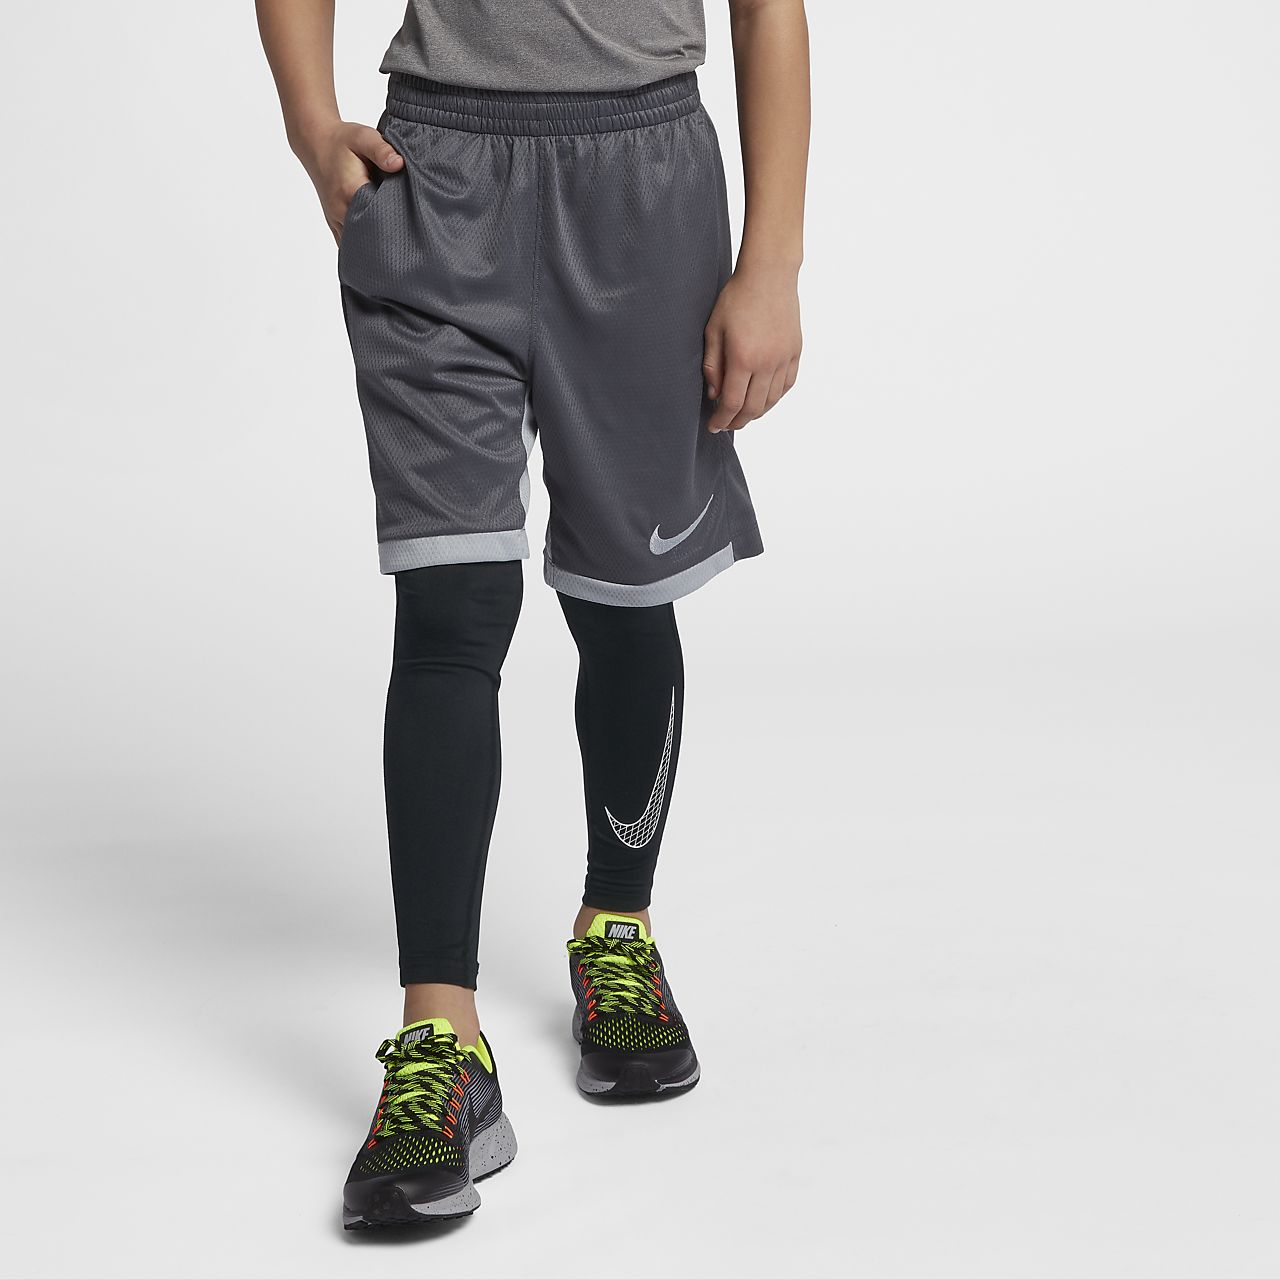 c36f35006c3 Nike Pro - træningstights til store børn (drenge). Nike.com DK